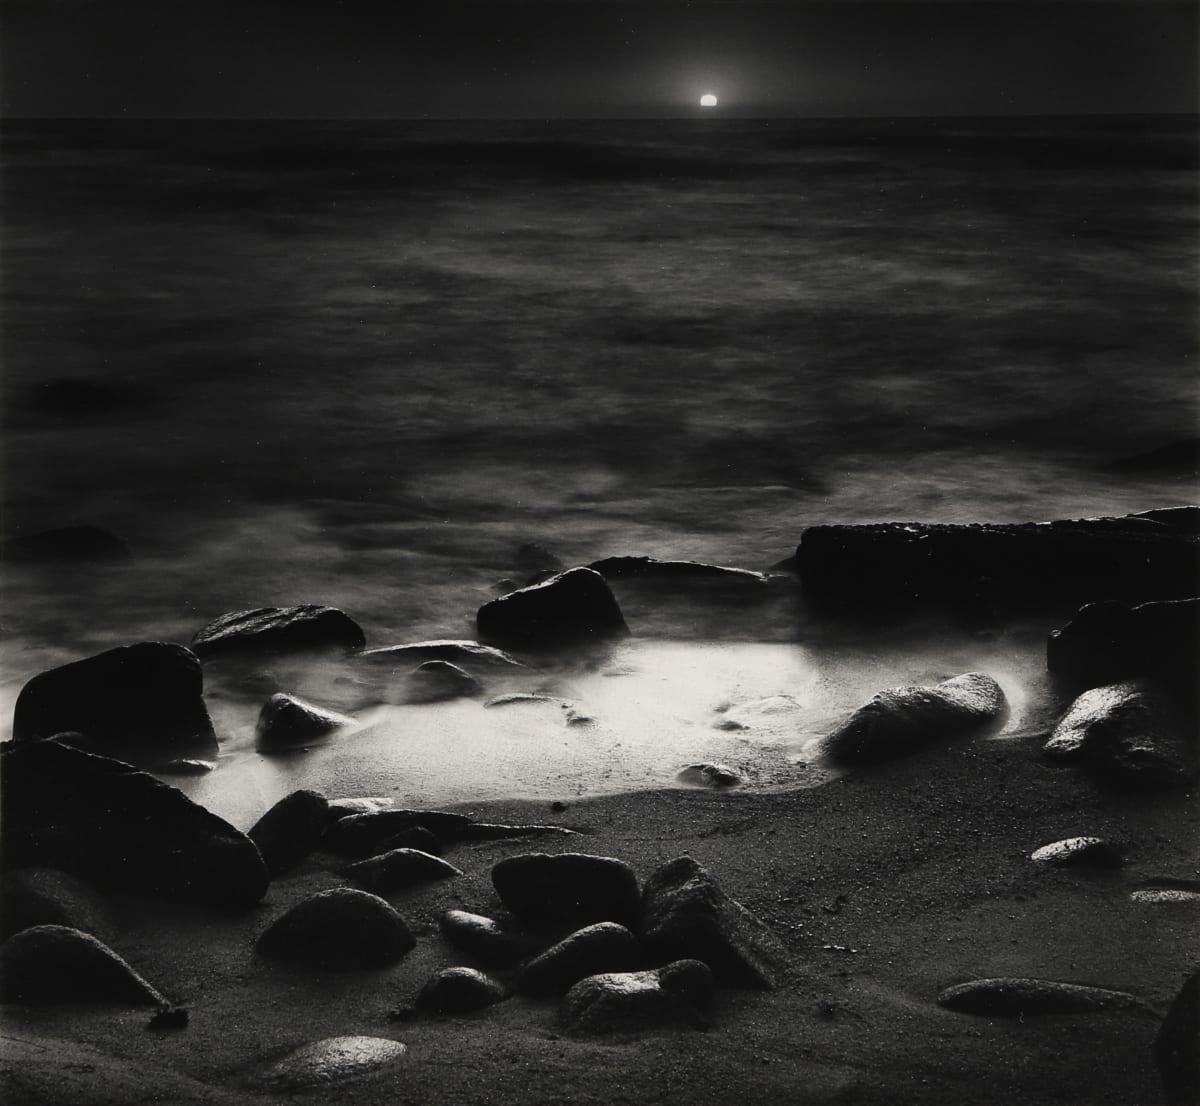 Wynn Bullock, The Shore, 1966